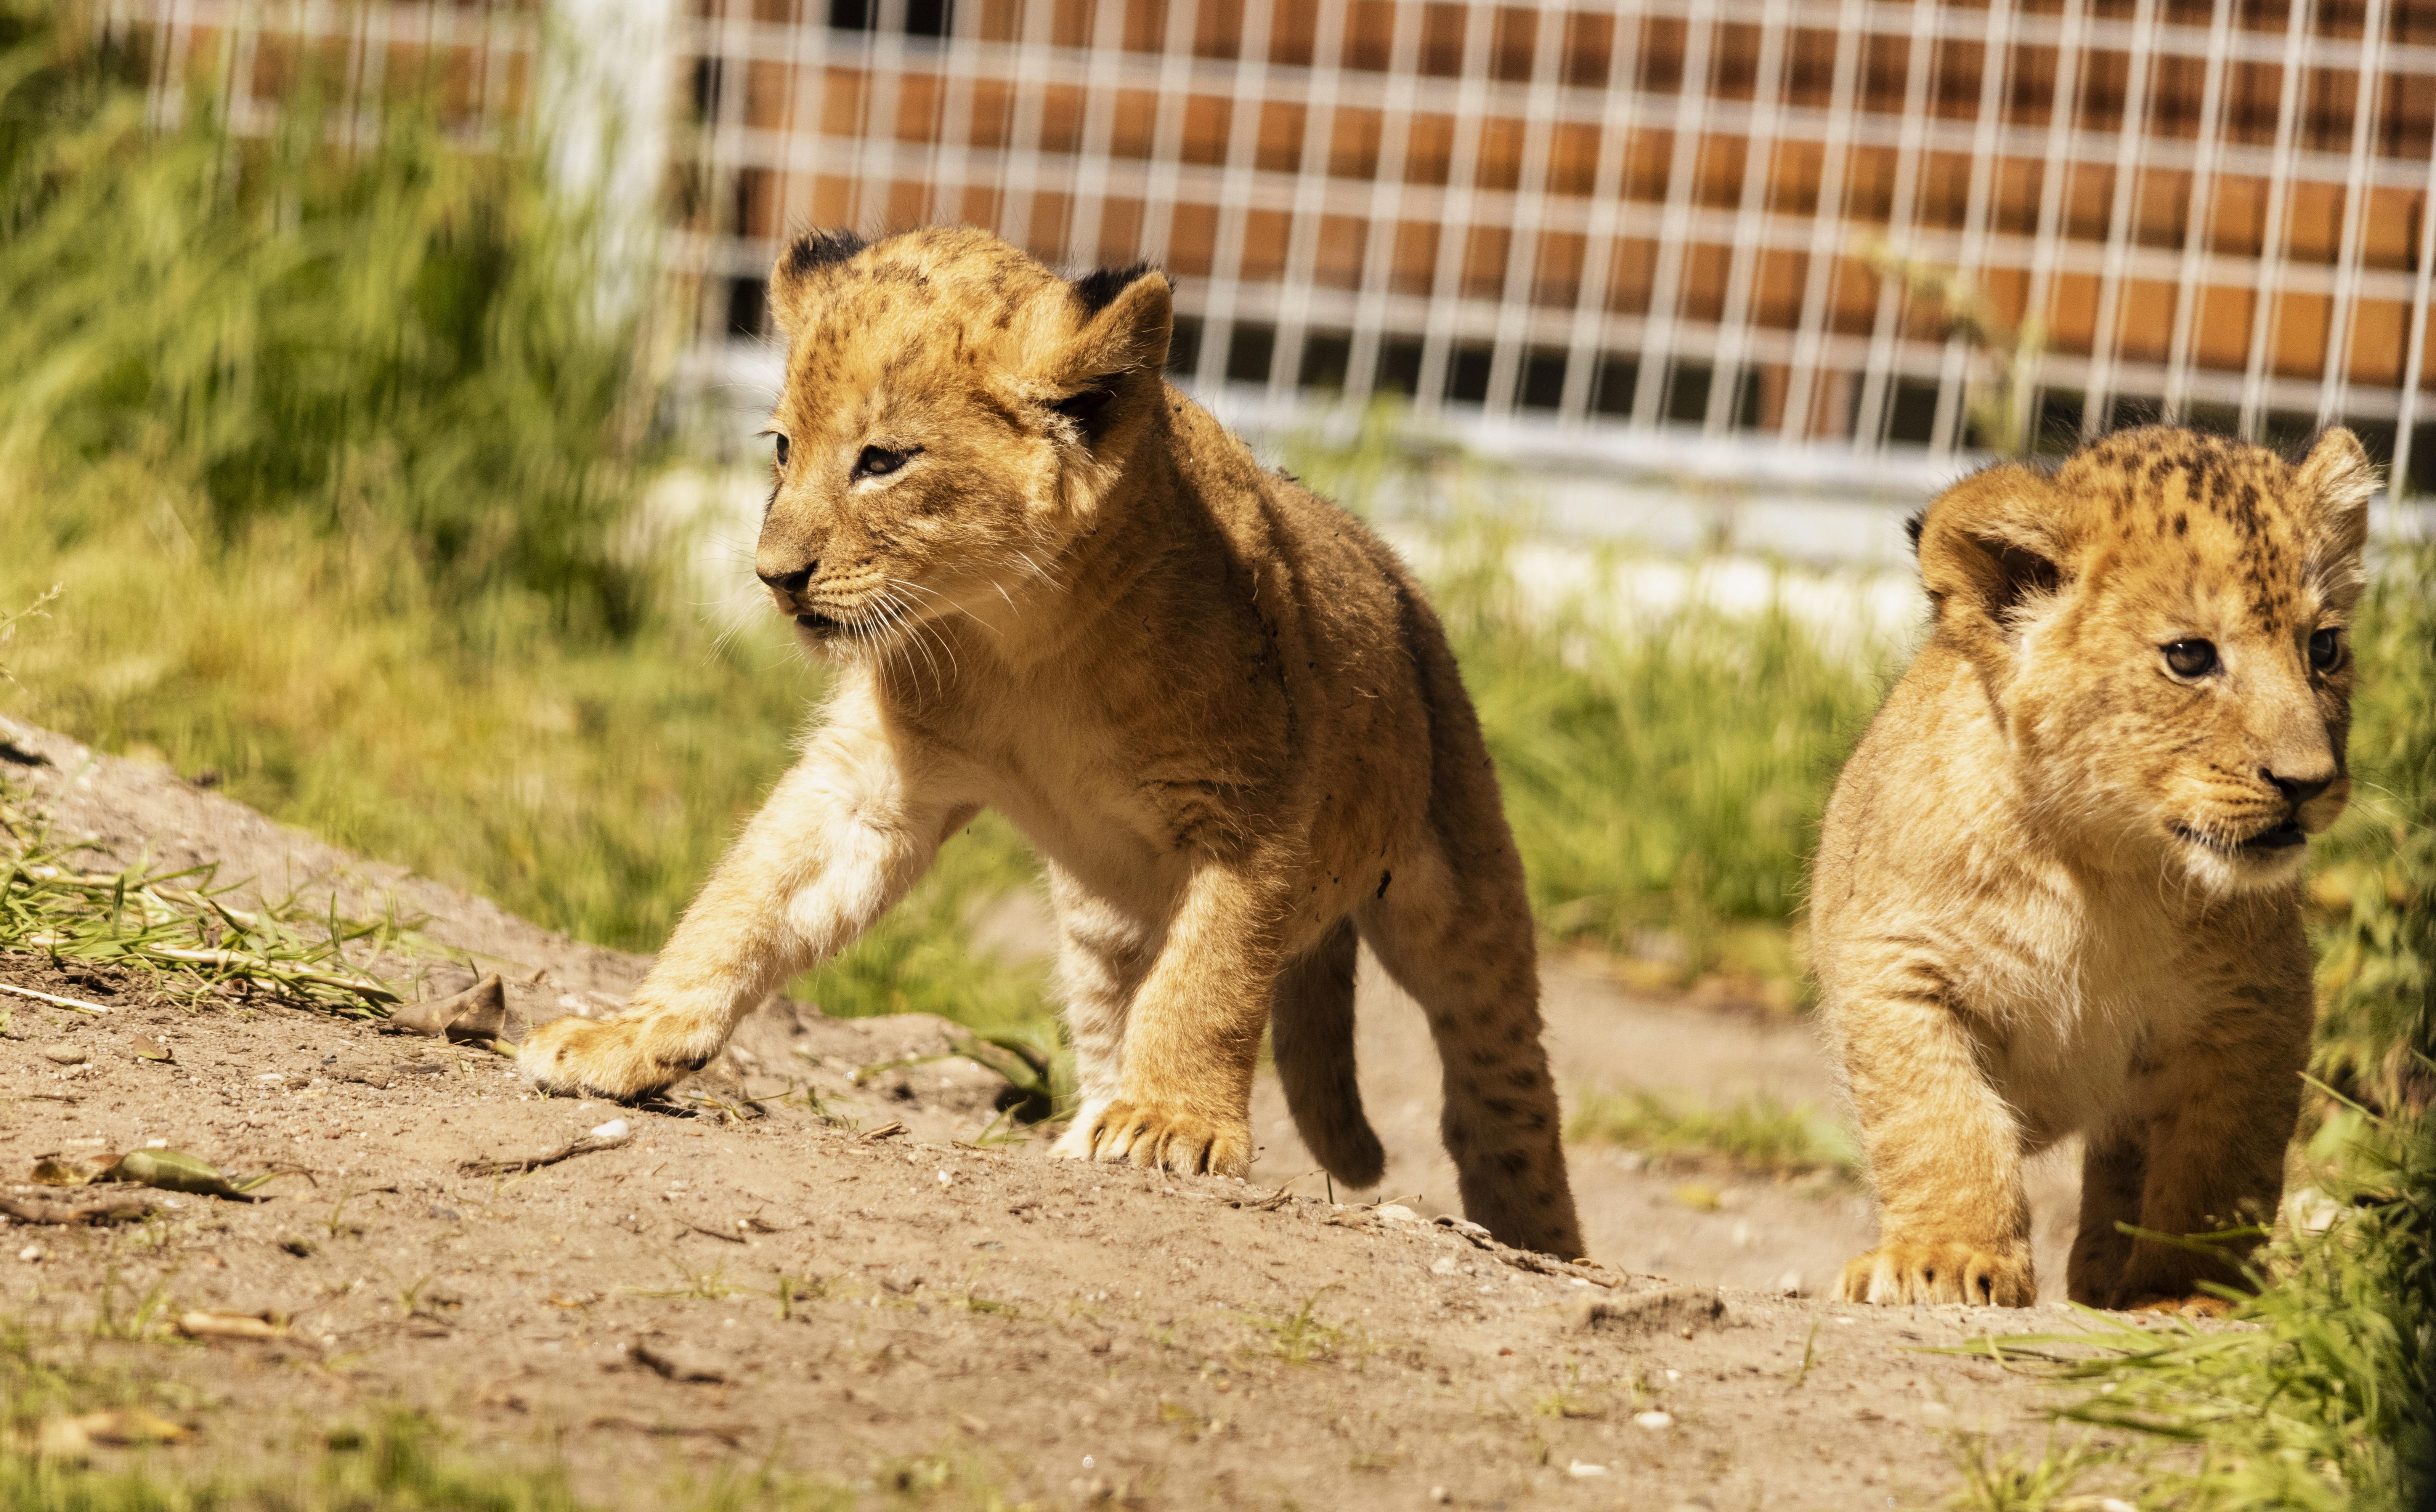 Taronga Zoo's lion cubs soak up the sunshine